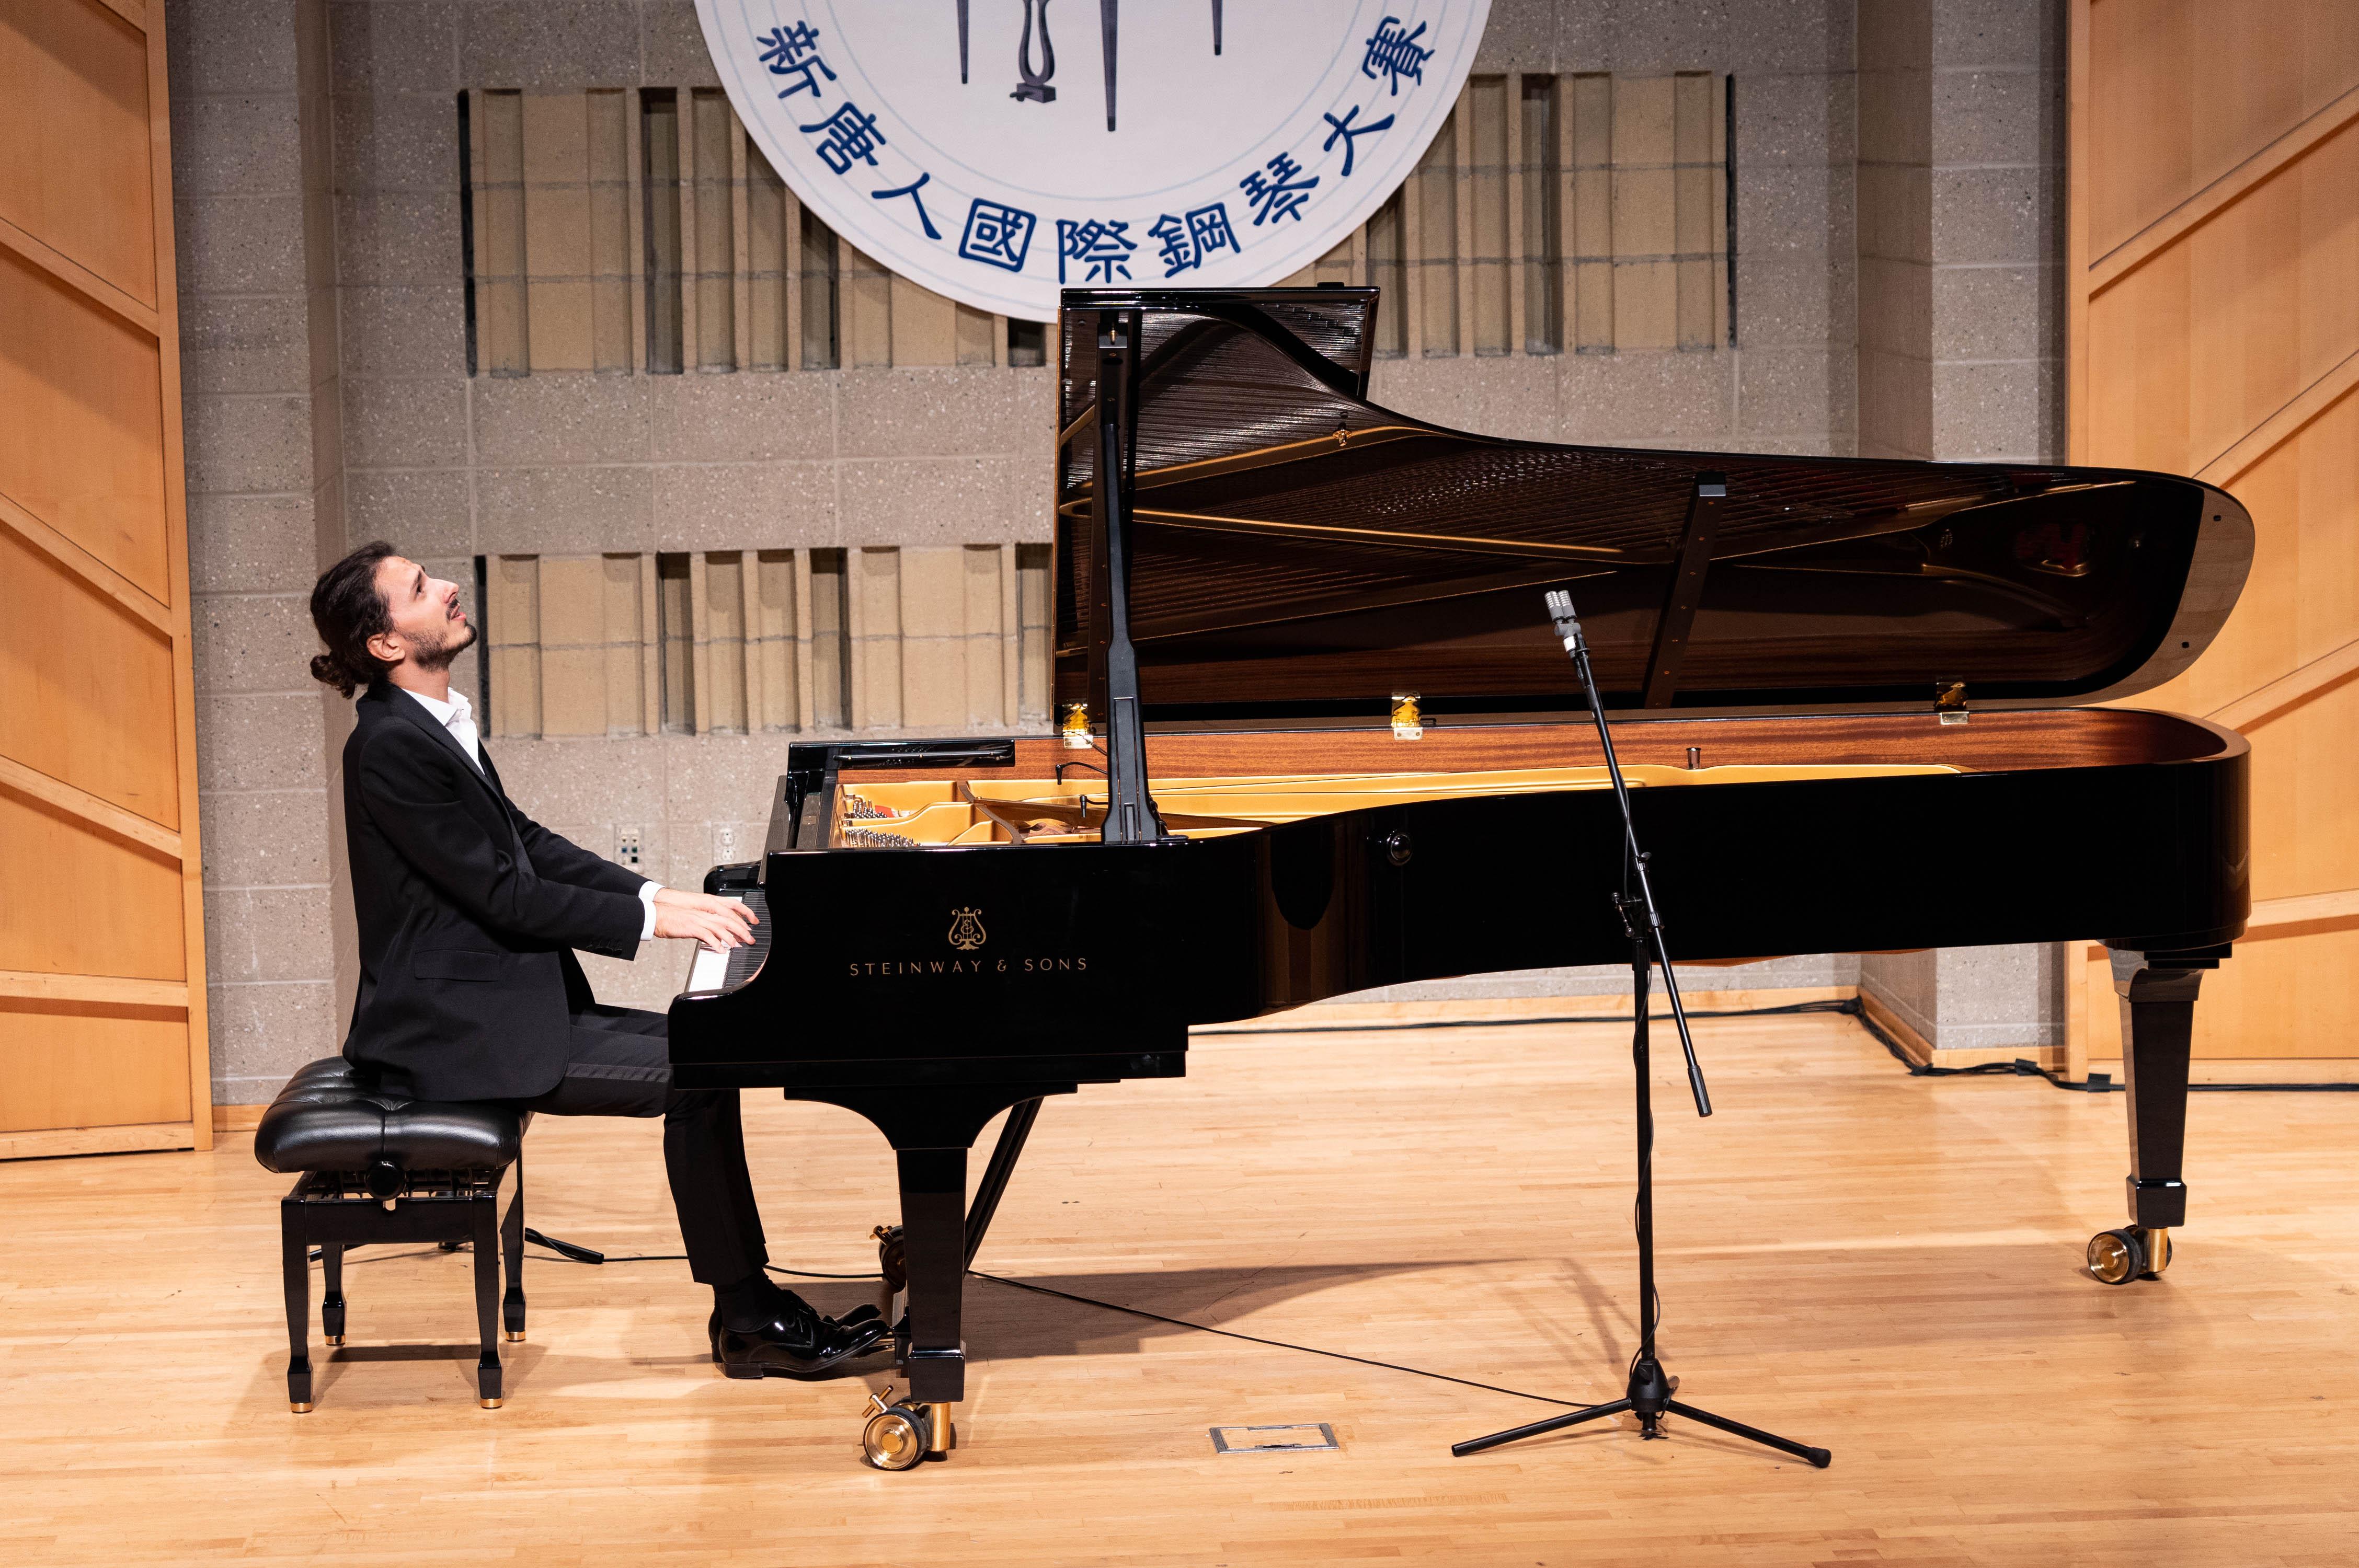 9月28日,2019第五屆新唐人國際鋼琴大賽決賽。意大利選手基阿科米利(Nicolas Giacomelli)奪得本次大賽的銀獎。(戴兵/大紀元)